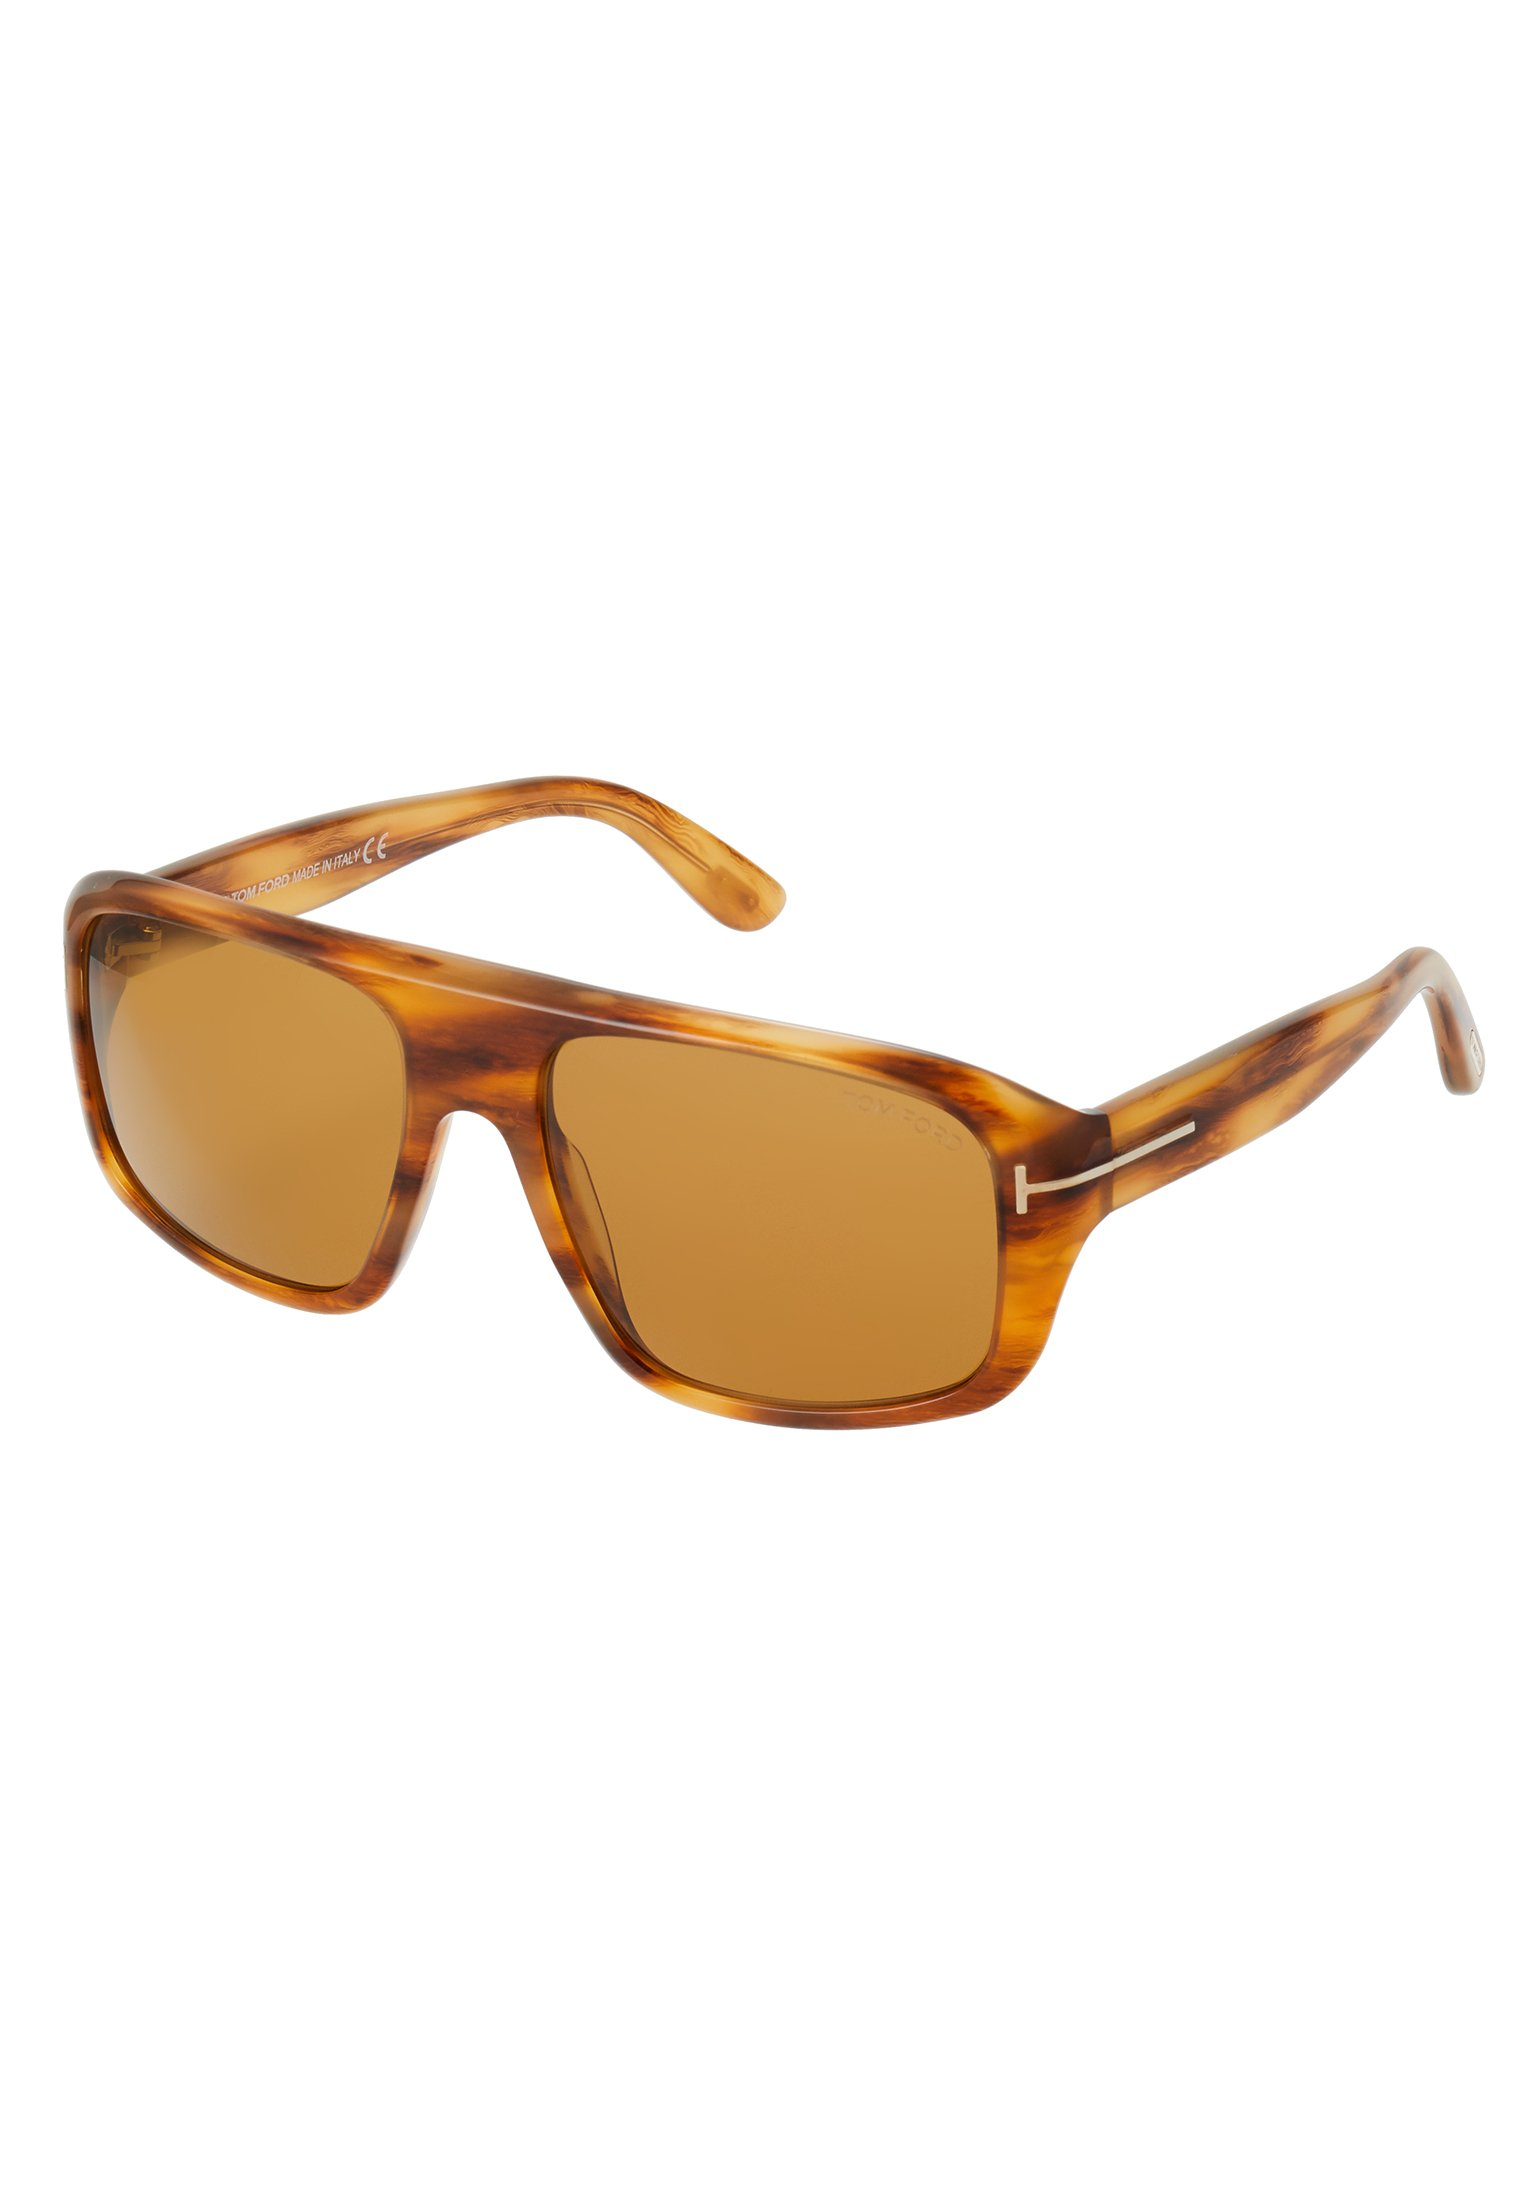 Tom Ford Solbriller - amber/brun 3Yb1ck9TaAGPkr2